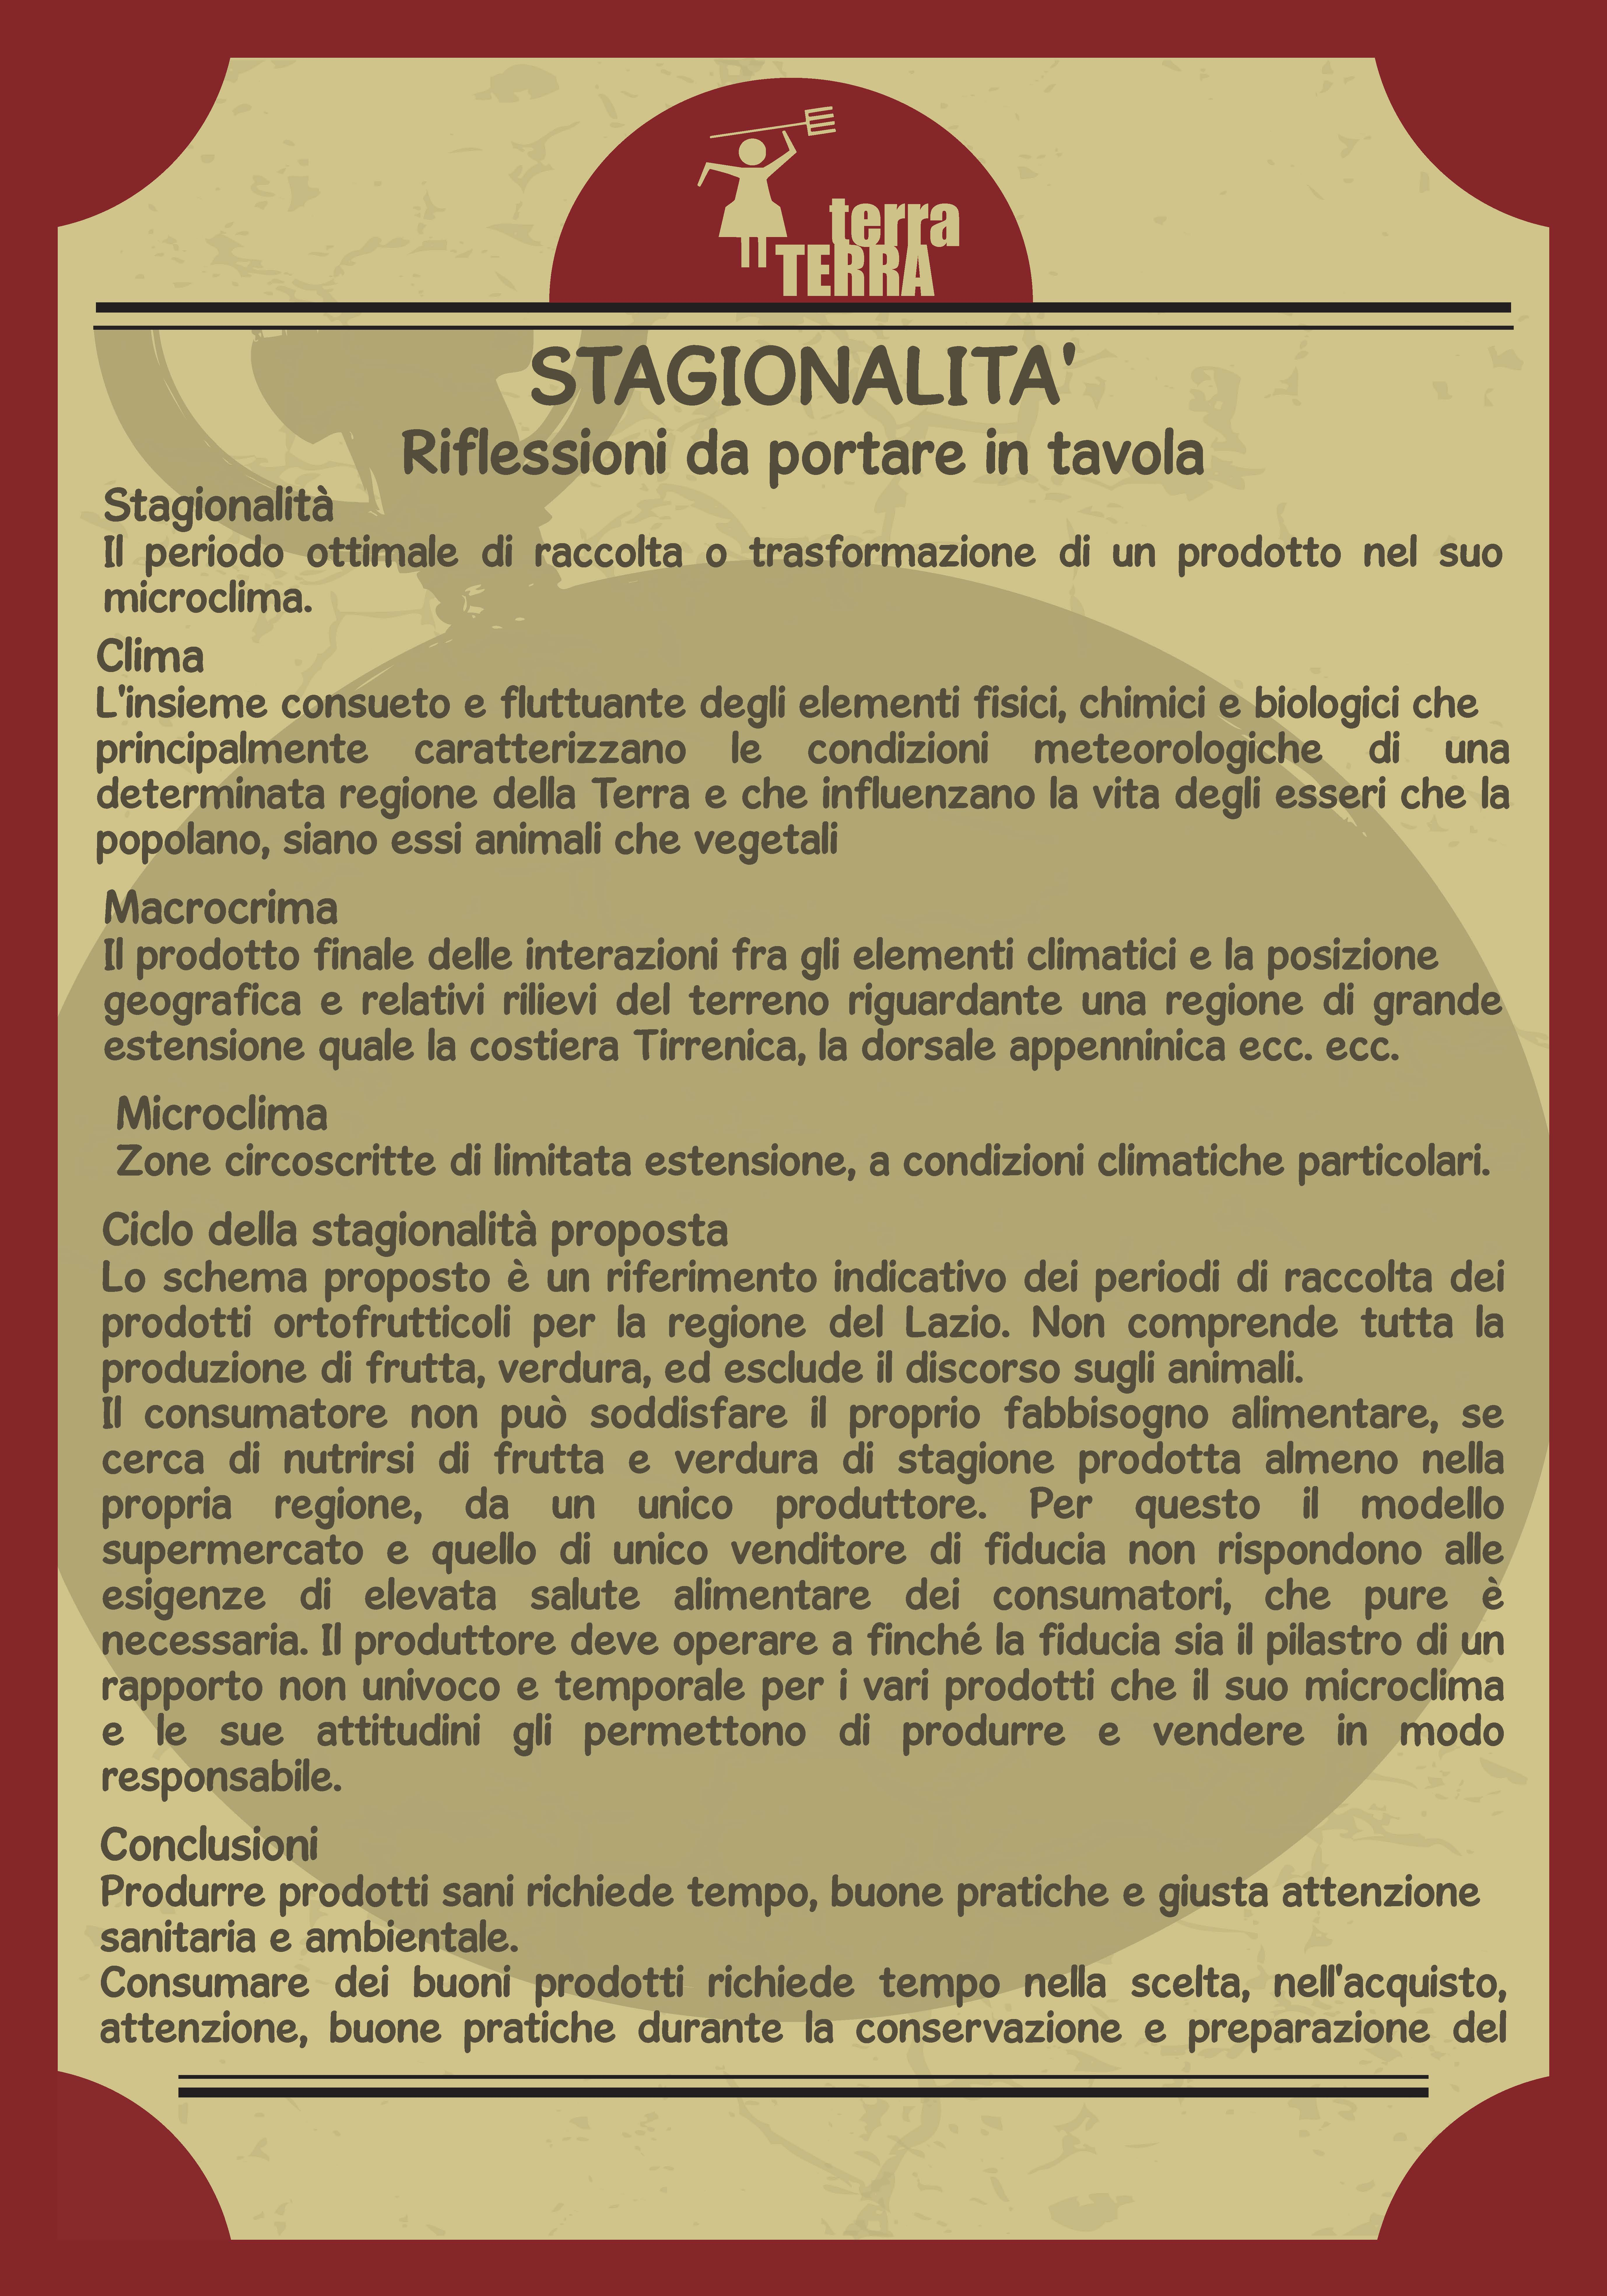 stagionalita_prodotti_definizioni